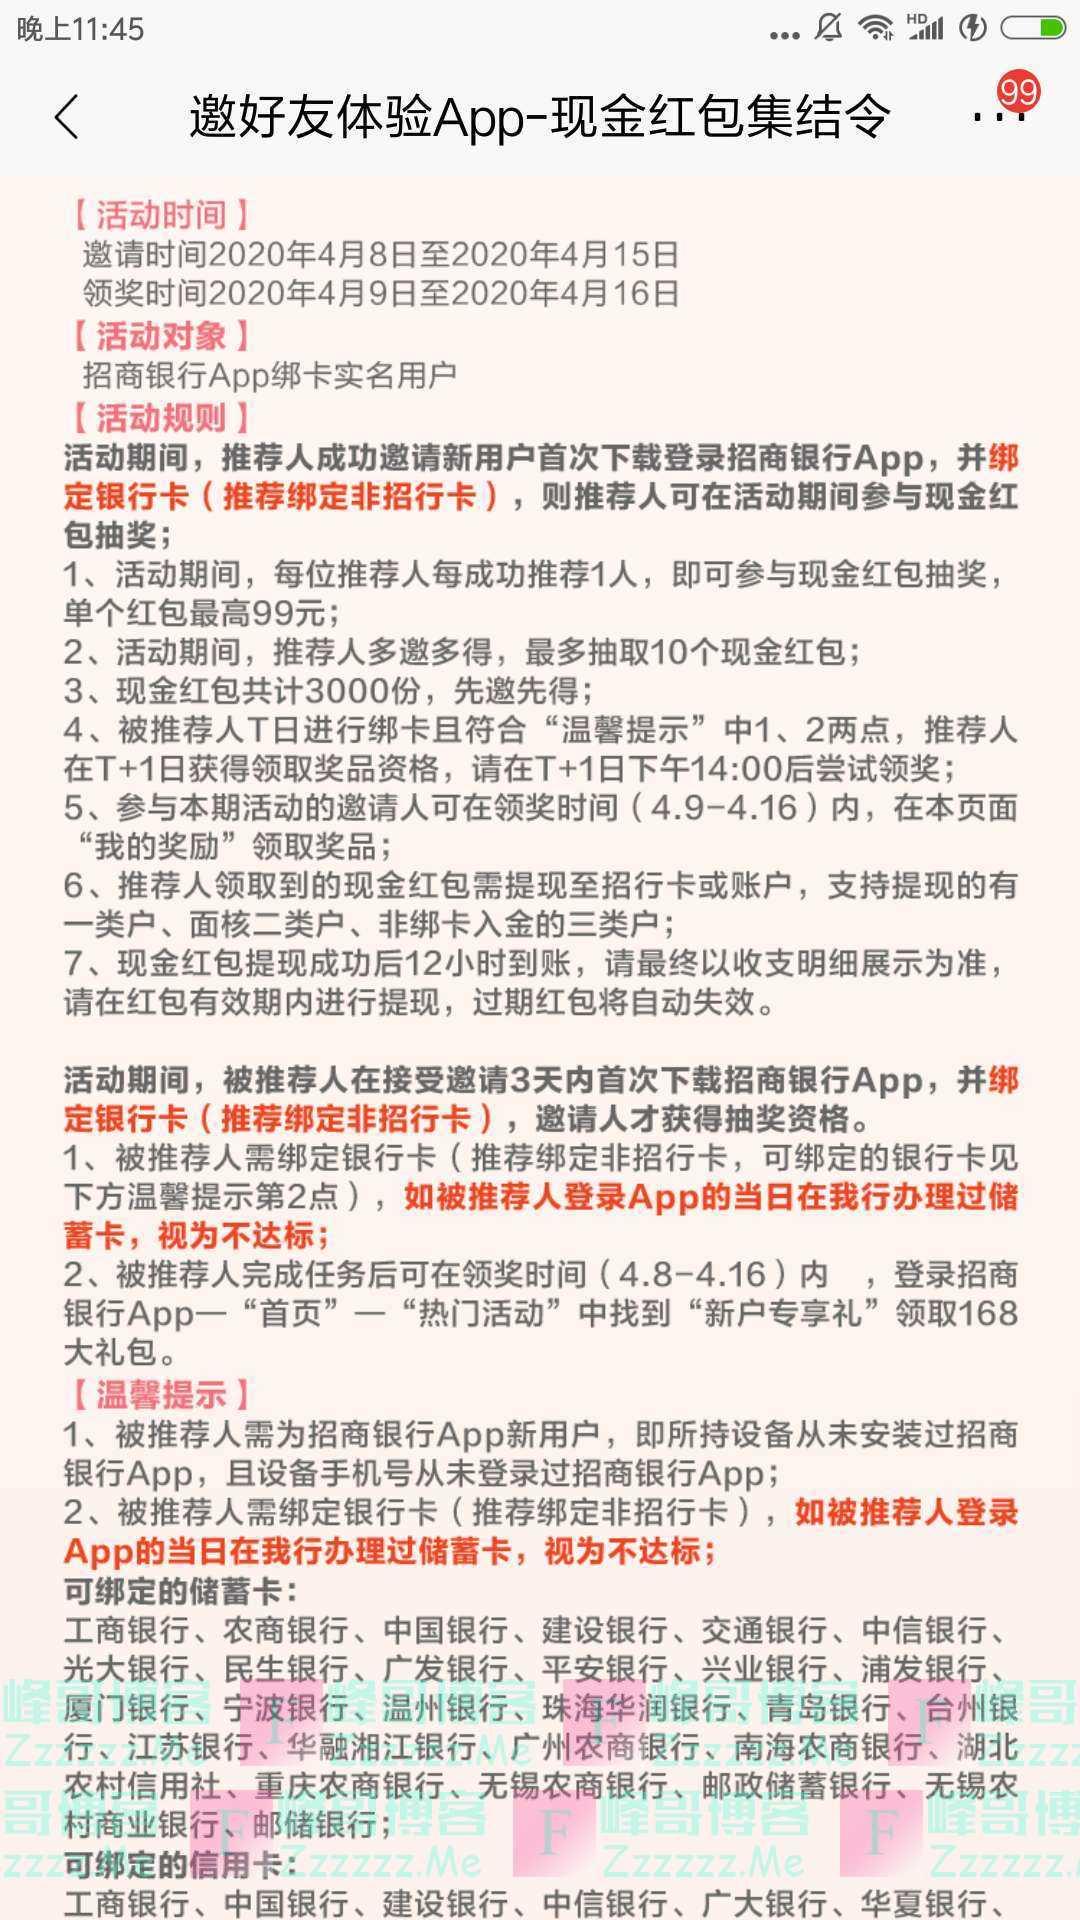 招行邀好友体验APP送现金红包(截止4月15日)